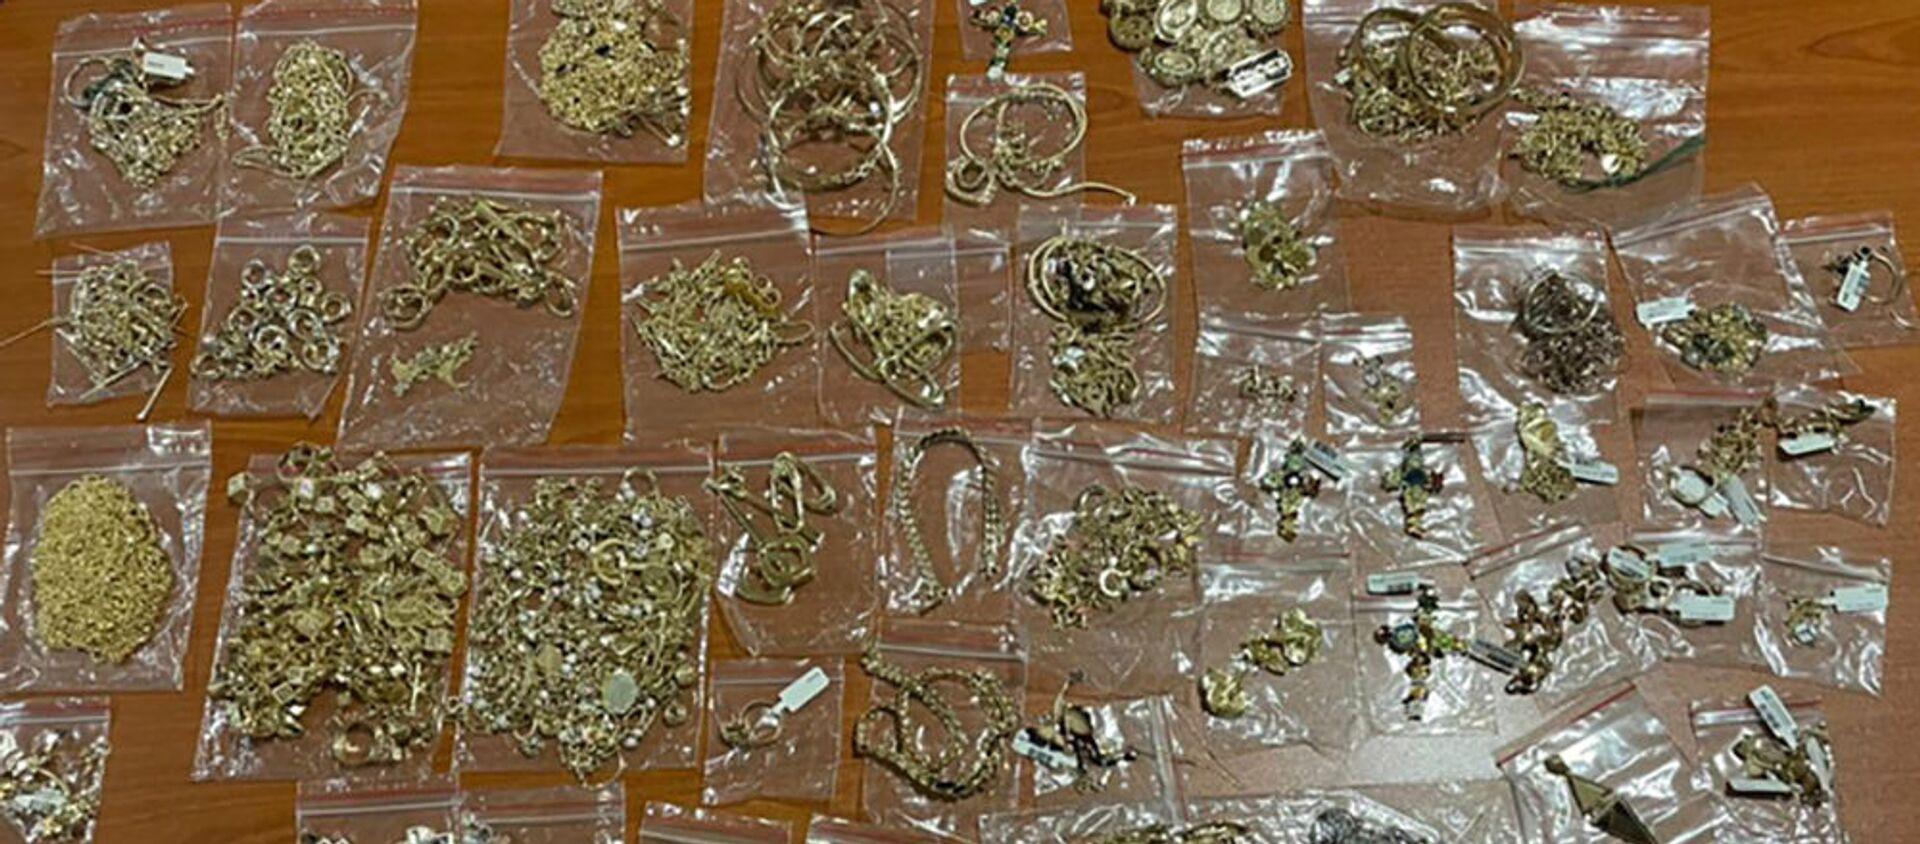 Հայտնաբերվել են մաքսային հսկողությունից թաքված 1571 գրամ ընդհանուր քաշով ոսկյա զարդեր - Sputnik Արմենիա, 1920, 13.08.2021